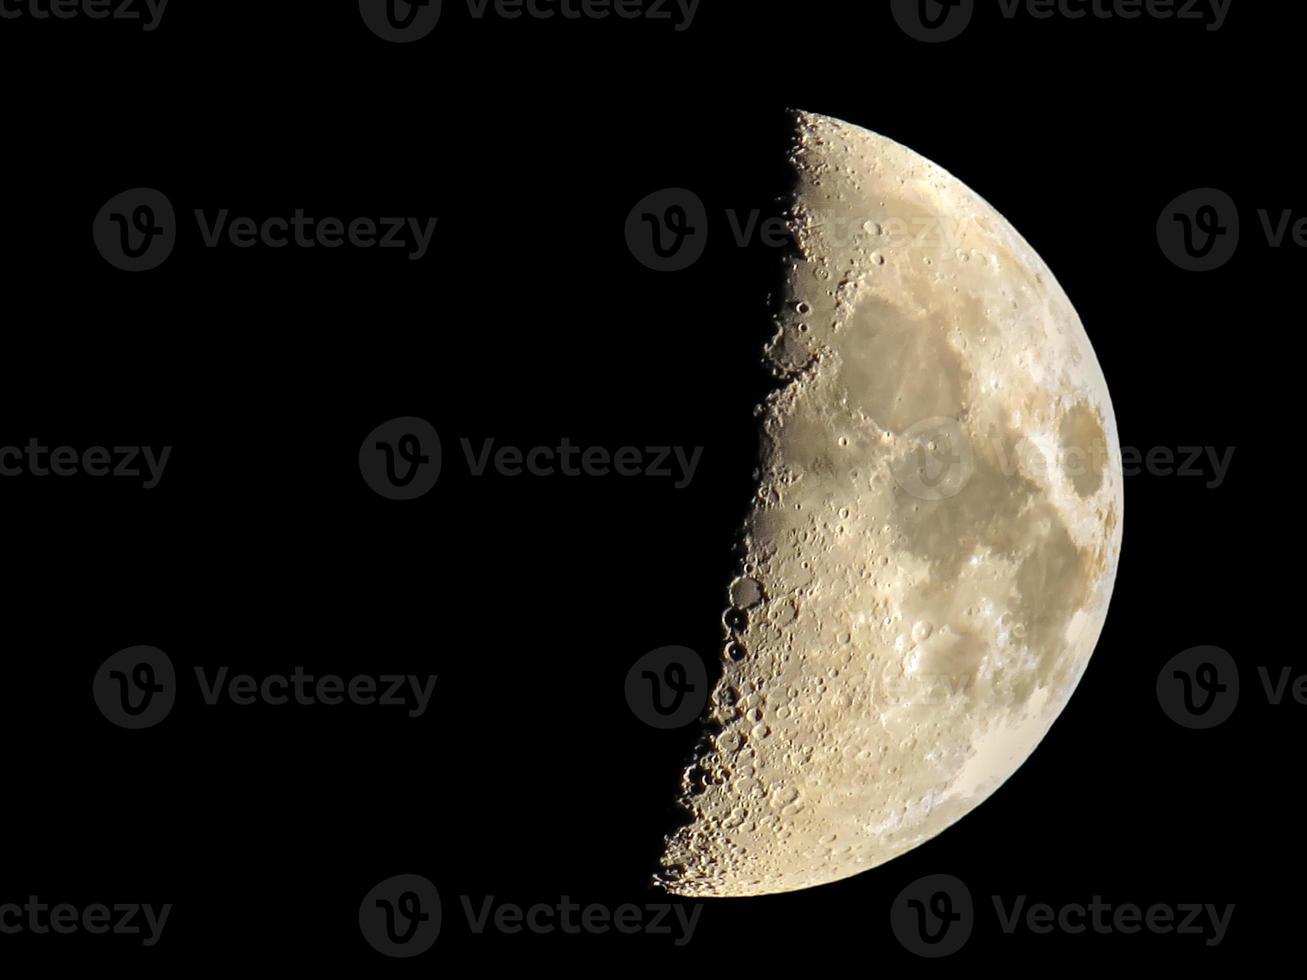 maansikkel op zwarte achtergrond foto